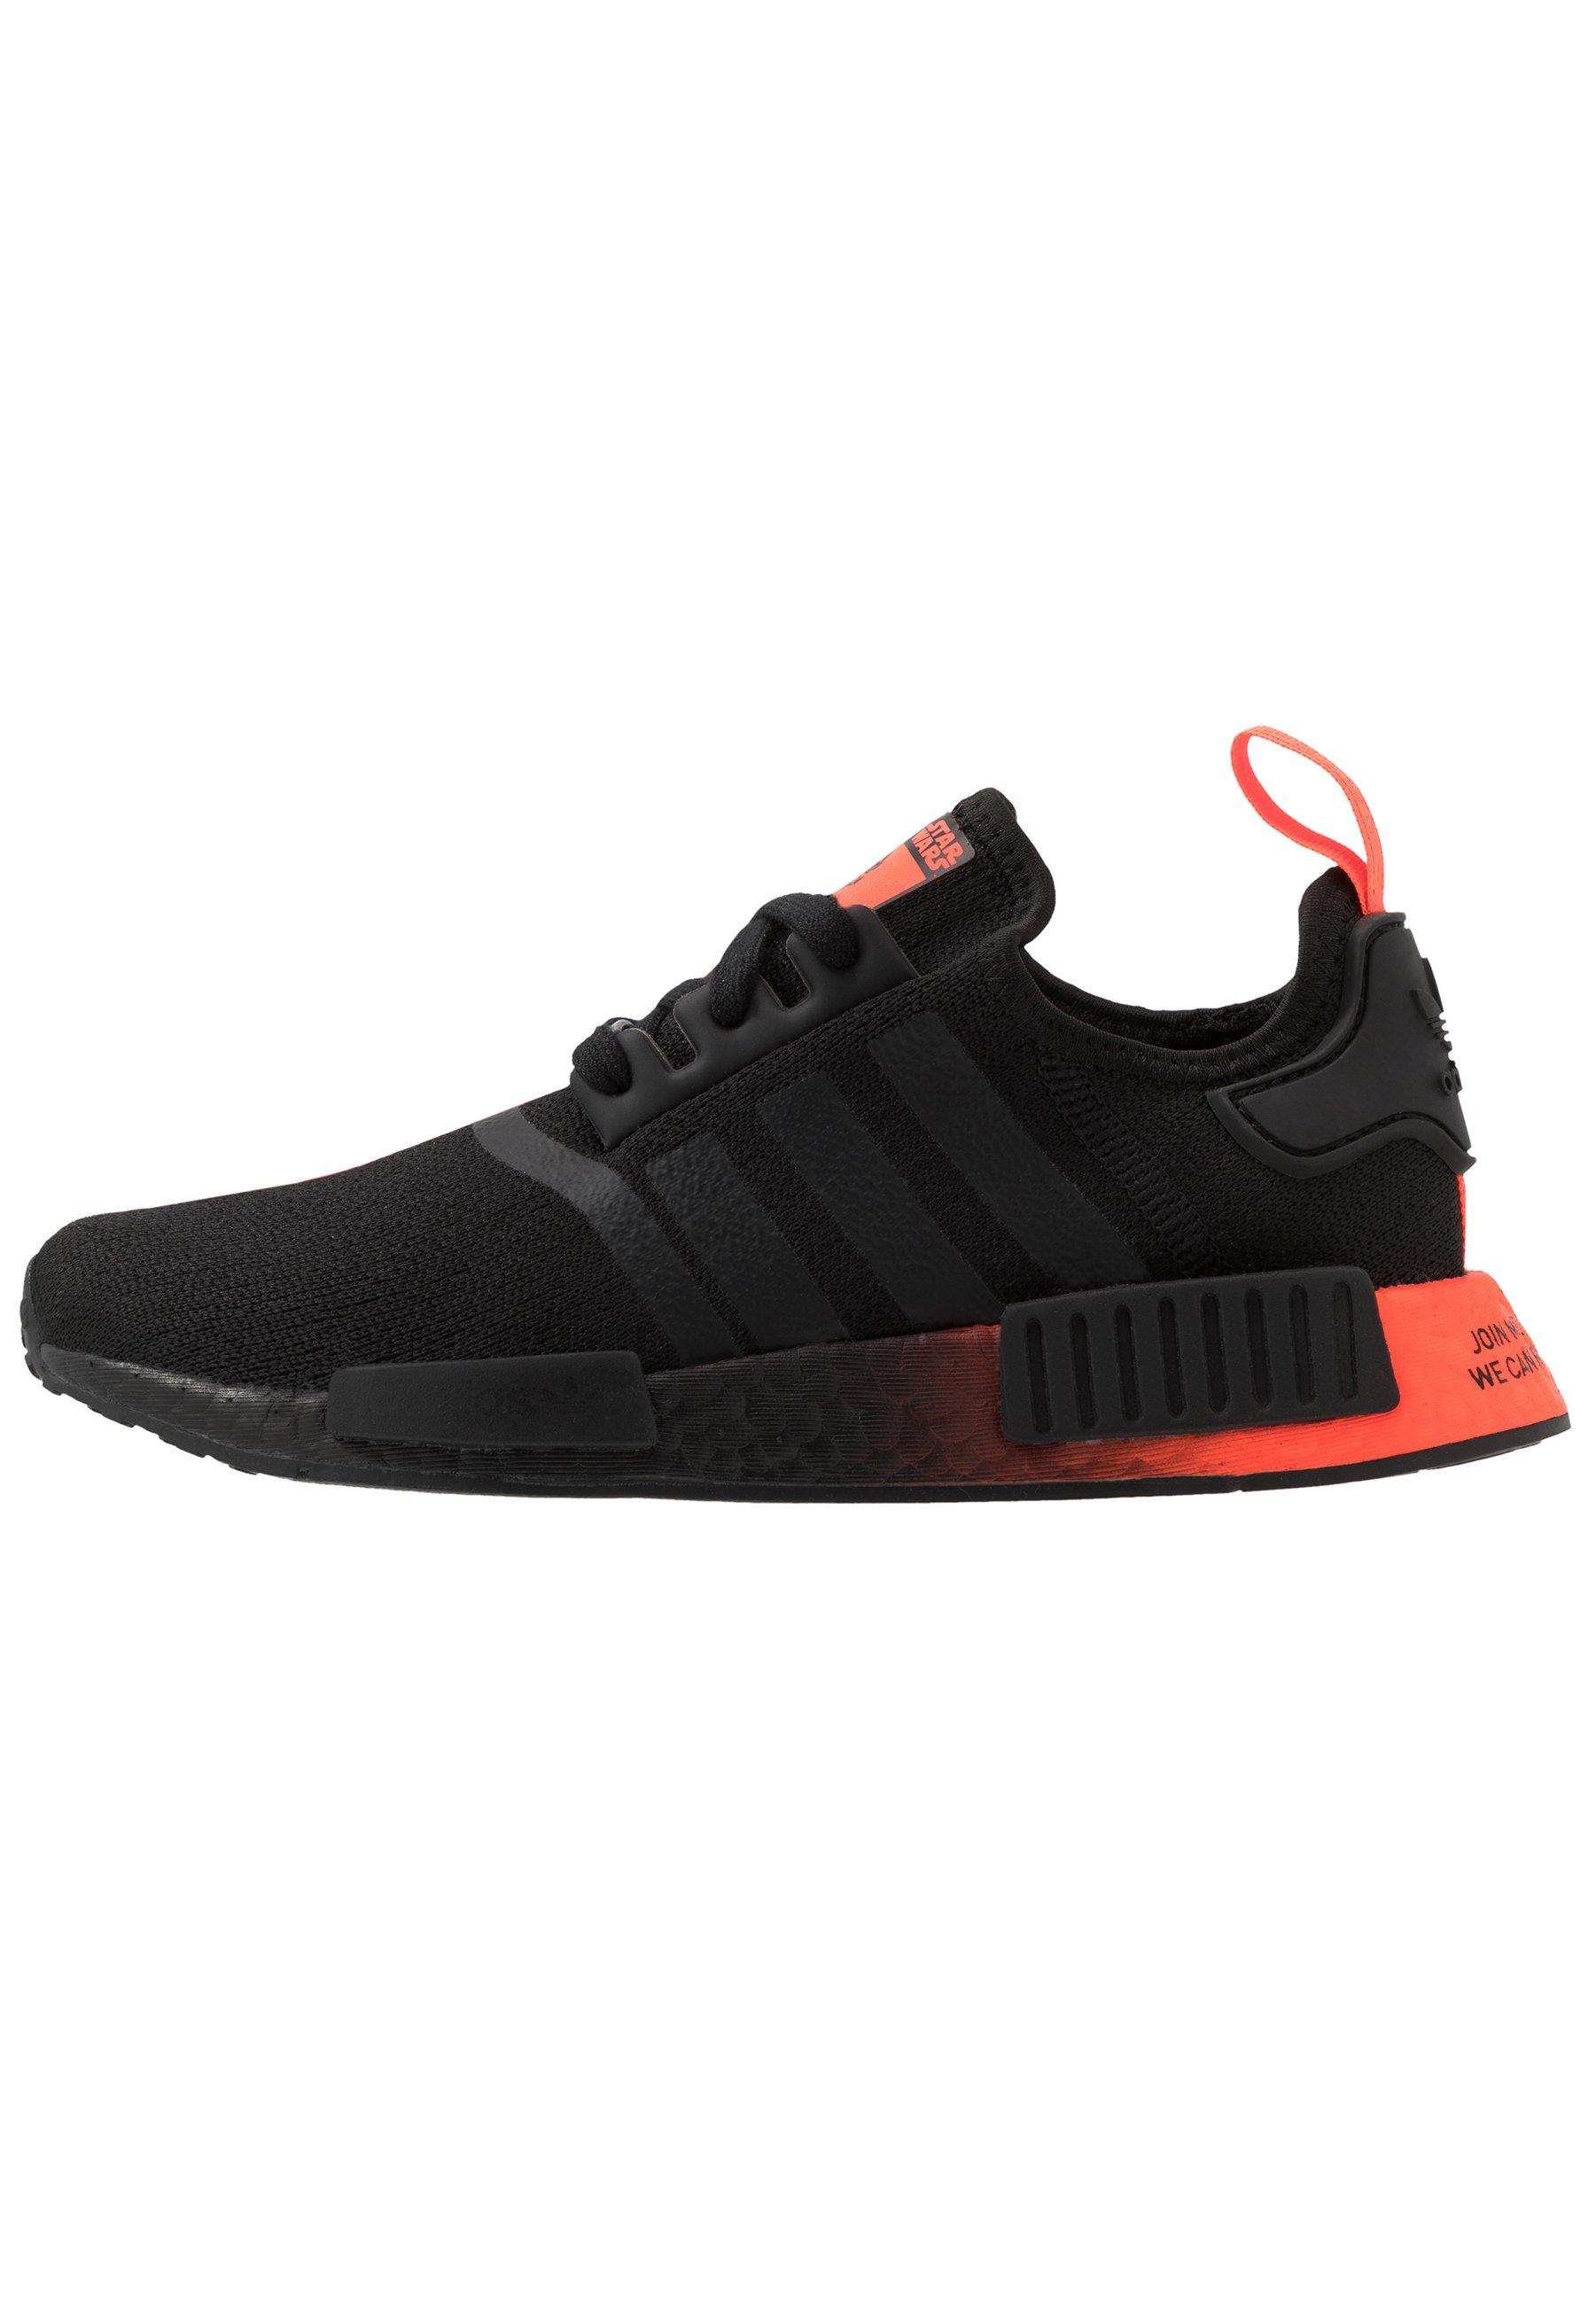 NMD_R1 STAR WARS Sneaker low core blacksolar red